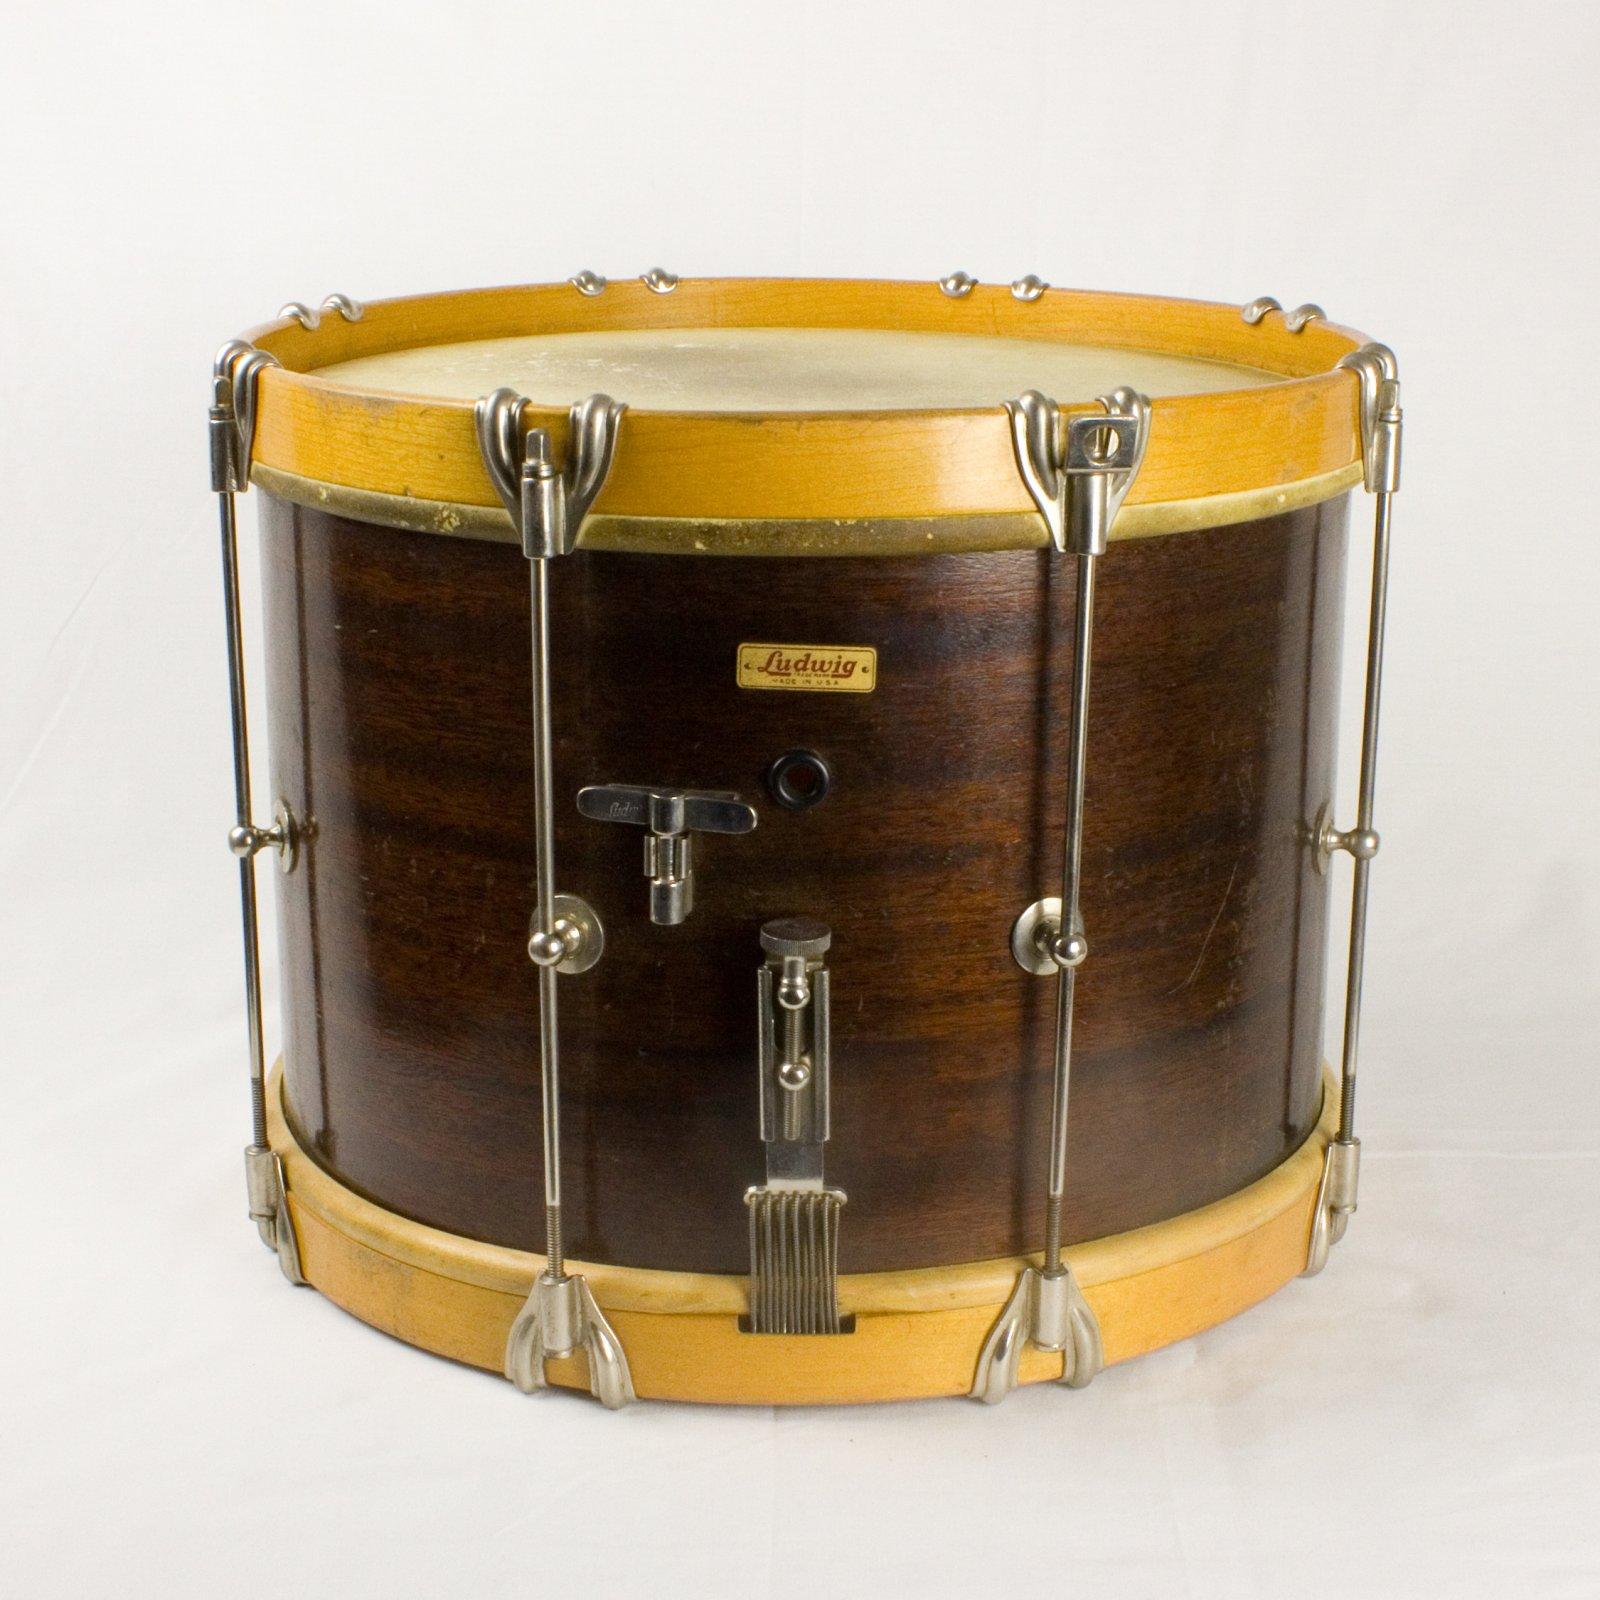 Vintage Ludwig Junior Parade Drum 10x14 Model No. 257, c. 1935